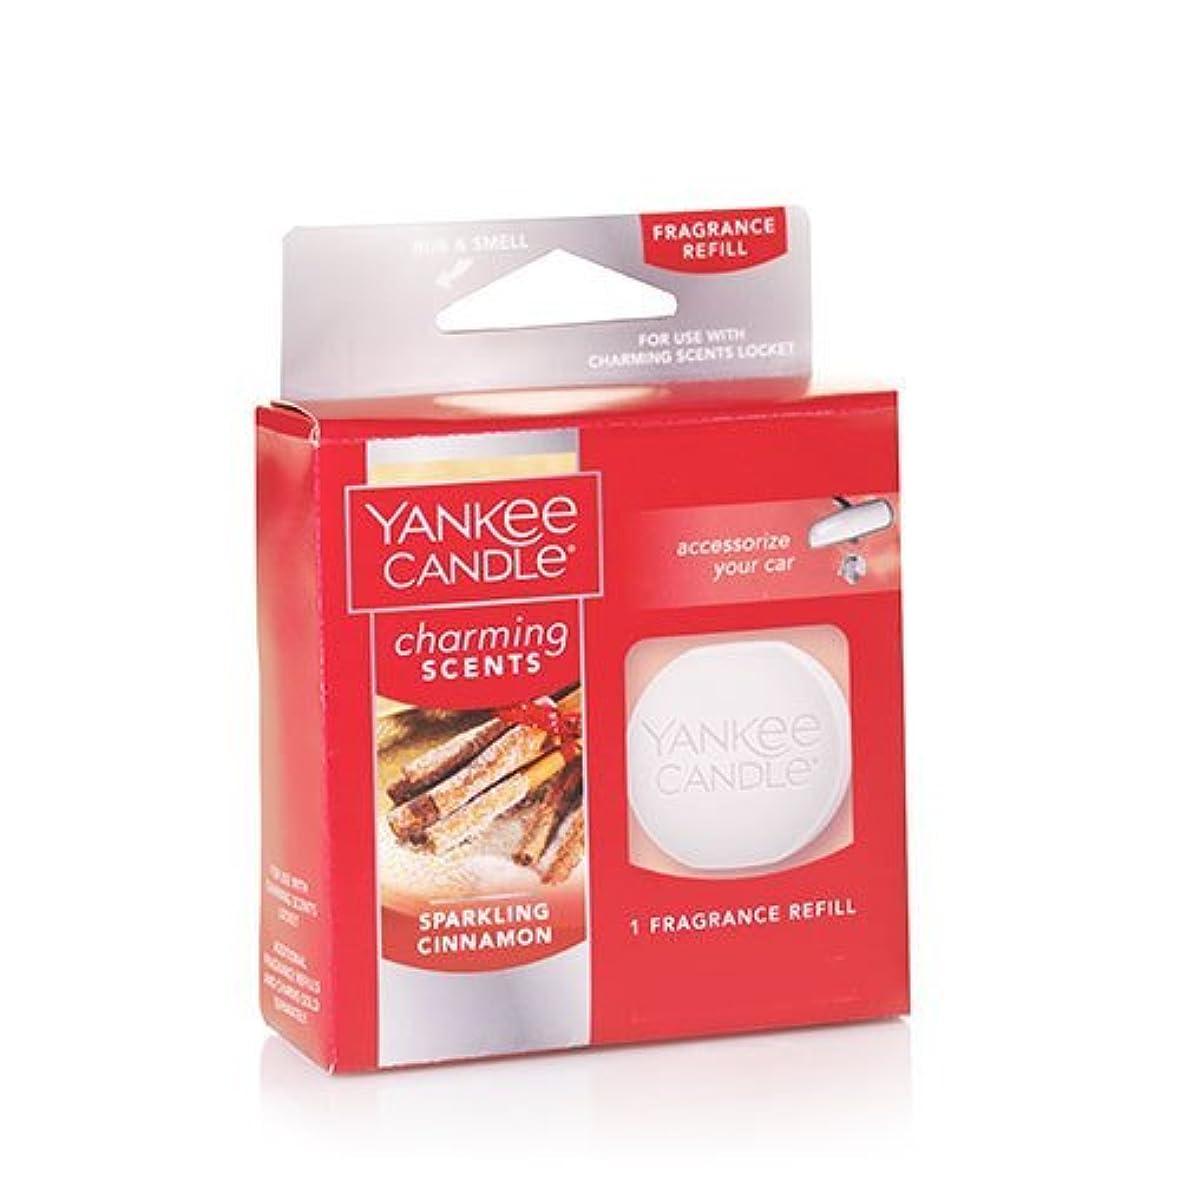 従事する咳一貫性のないYankee Candle SparklingシナモンCharming Scents Fragrance Refill, Festive香り